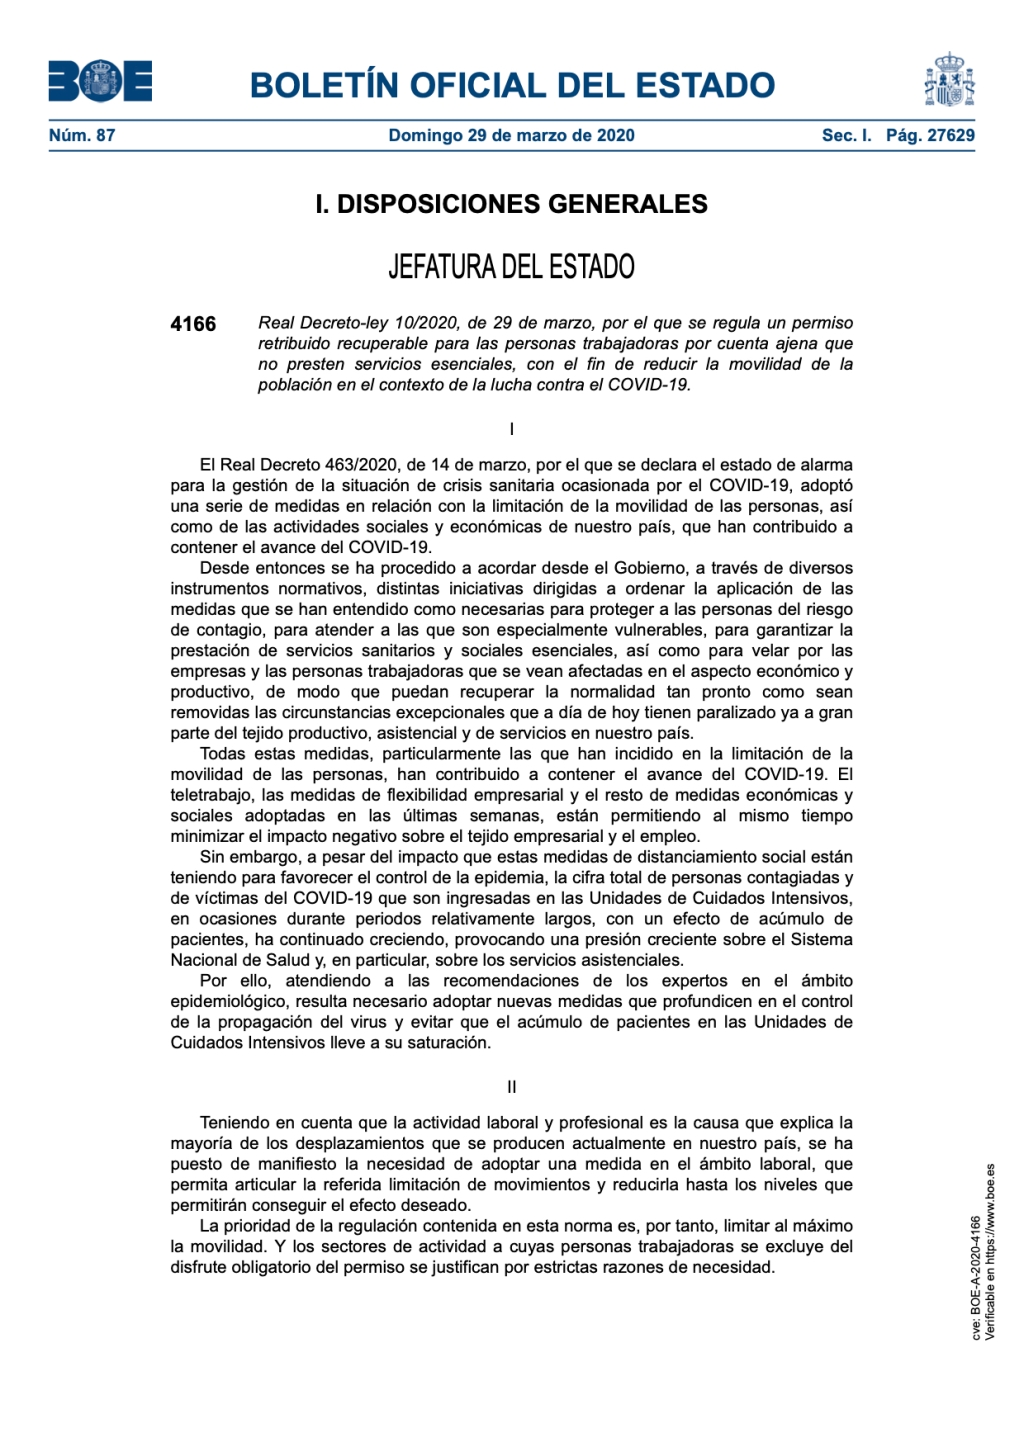 Real Decreto-ley 10/2020, de 29 de marzo, por el que se regula un permiso retribuido recuperable para las personas trabajadoras por cuenta ajena que no presten servicios esenciales, con el fin de reducir la movilidad de la población en el contexto de la lucha contra el COVID-19.